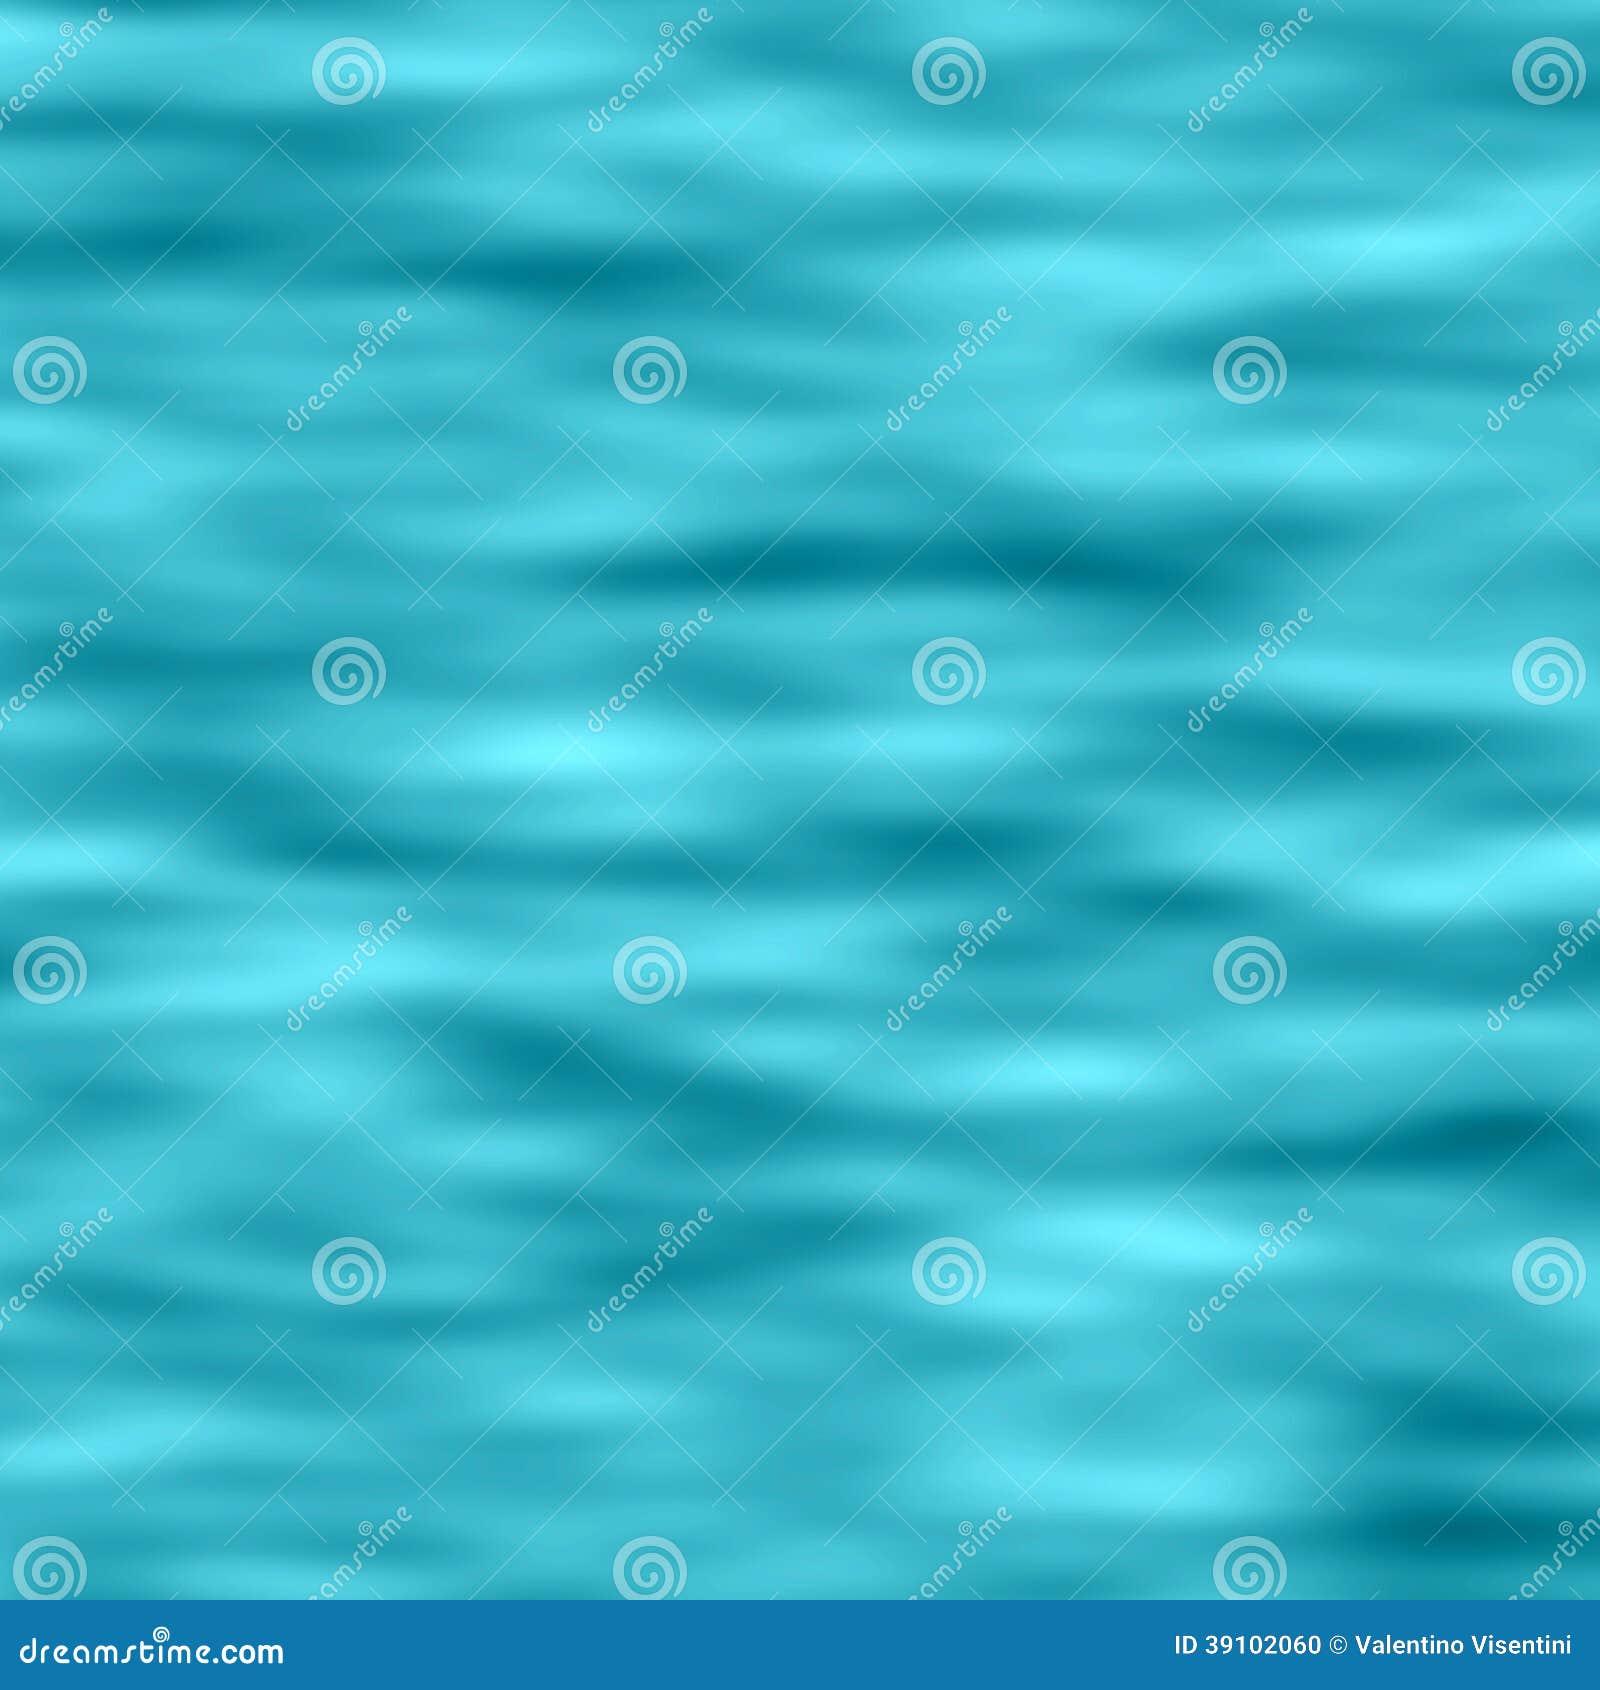 De verontruste achtergrond van de wateren blauwe textuur